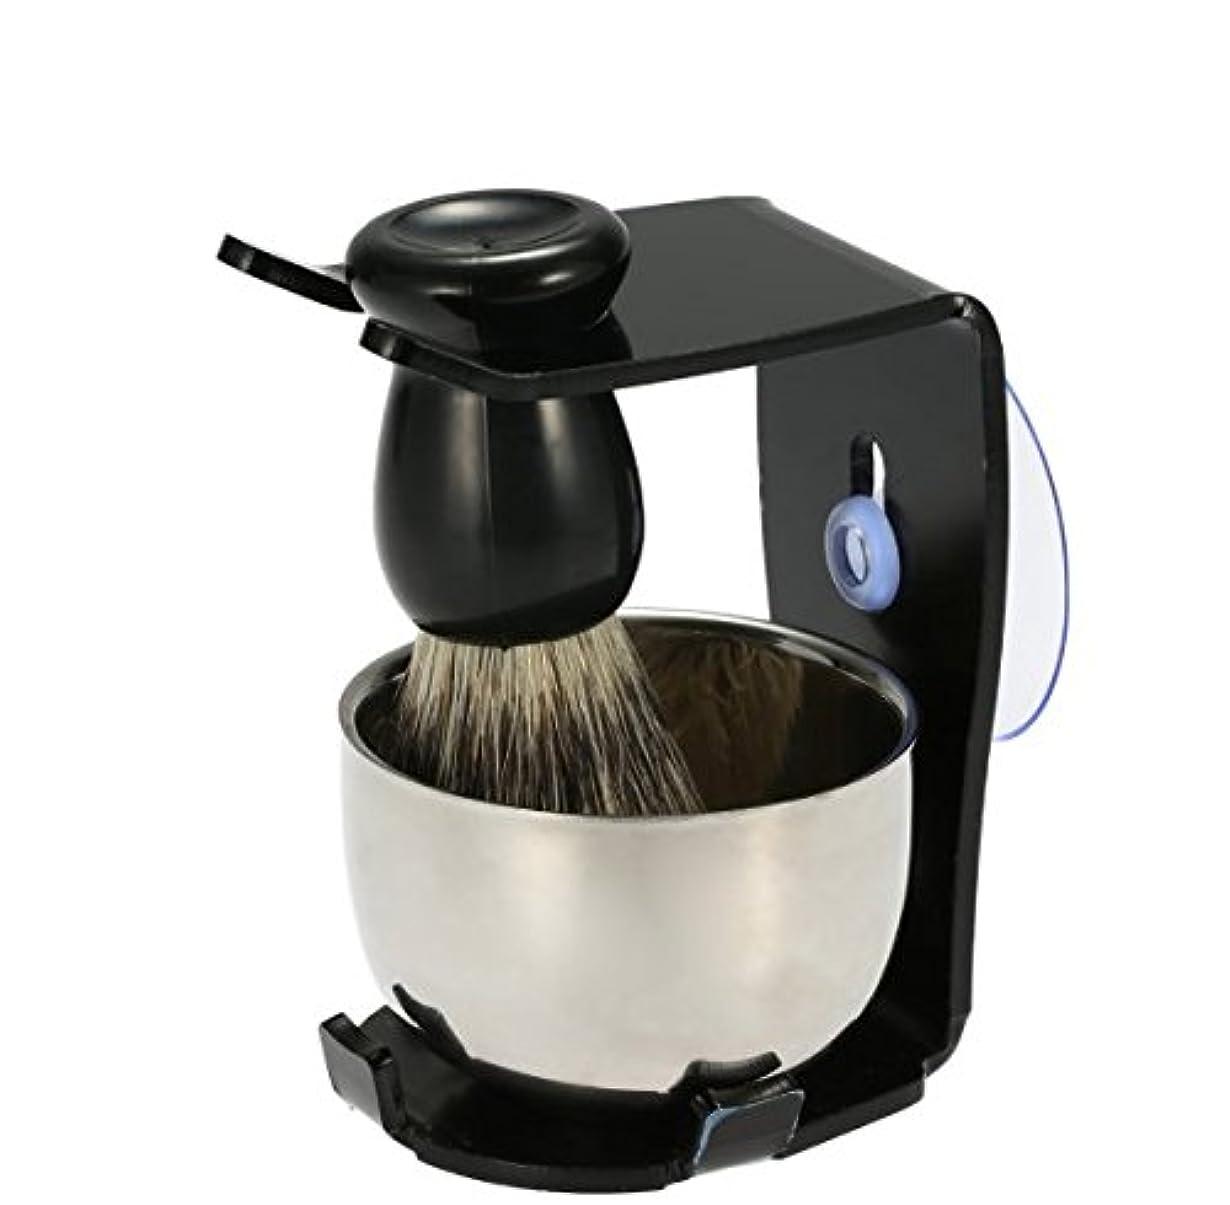 スリチンモイ物理学者下る3 In 1 Men's Shaving Razor Set Badger Hair Shaving Brush Stand Razor Holder